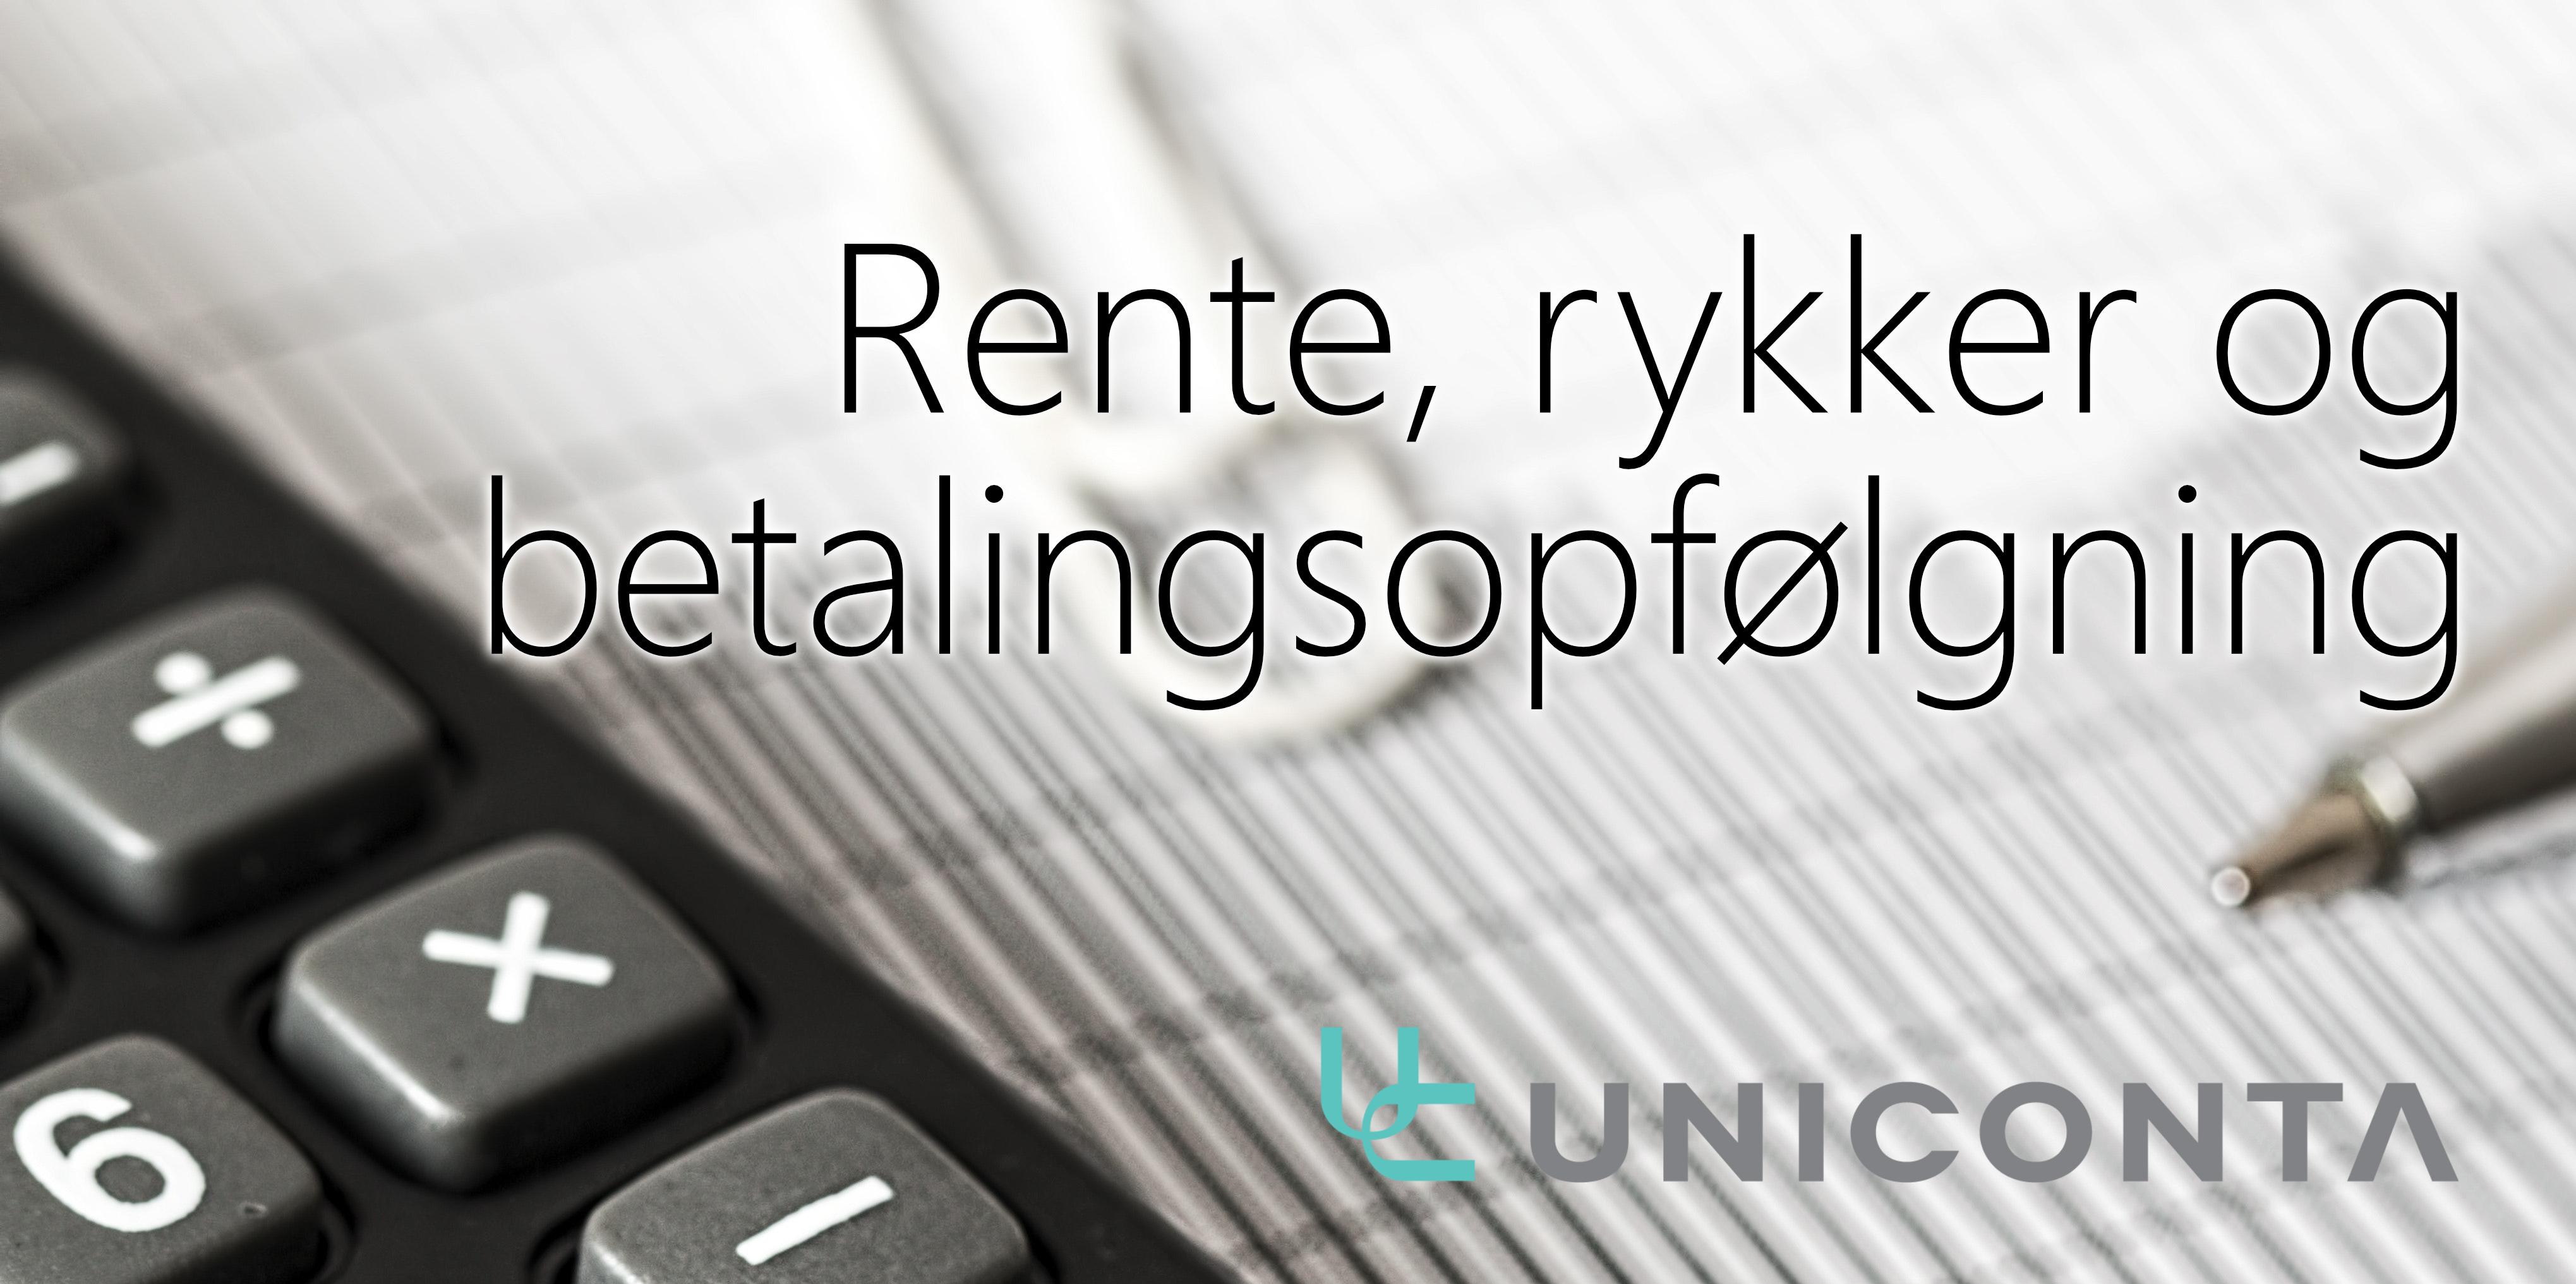 Rente, rykker og betalingsopfølgning i Uniconta